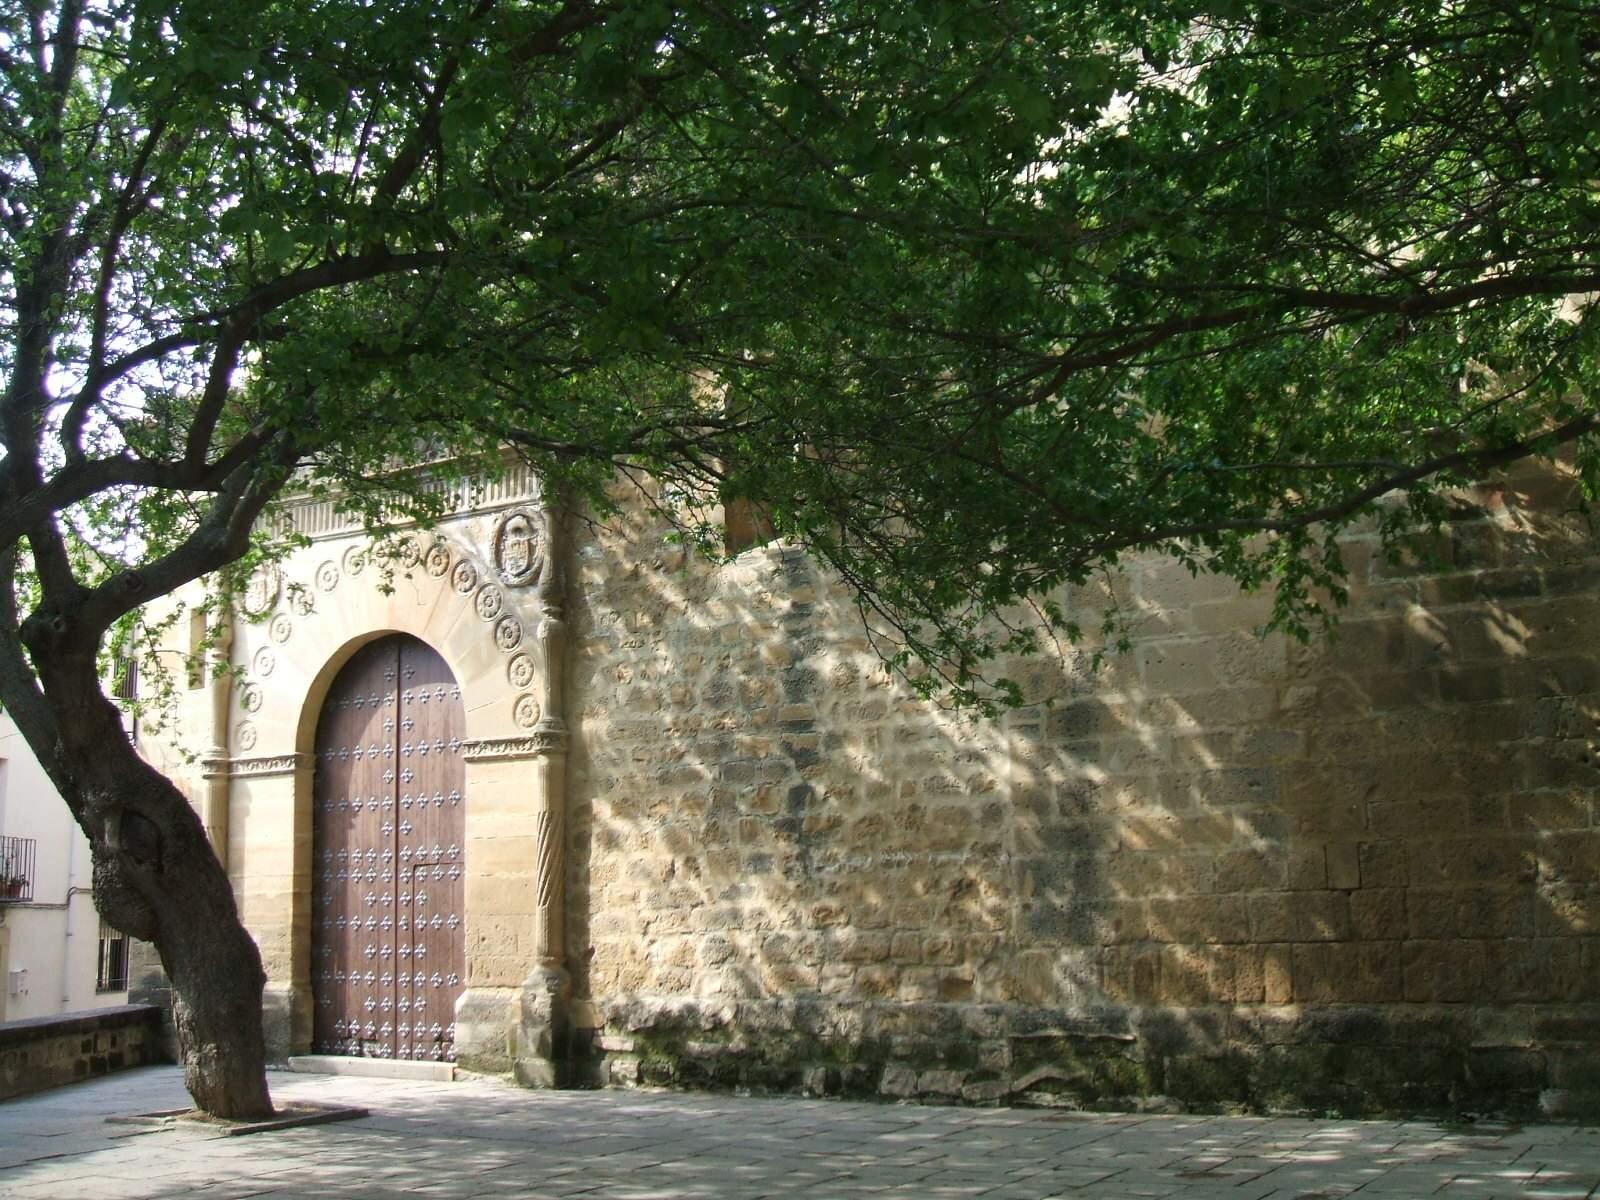 Iglesia de Santo Domingo - La Iglesia de Santo Domingo de Úbeda